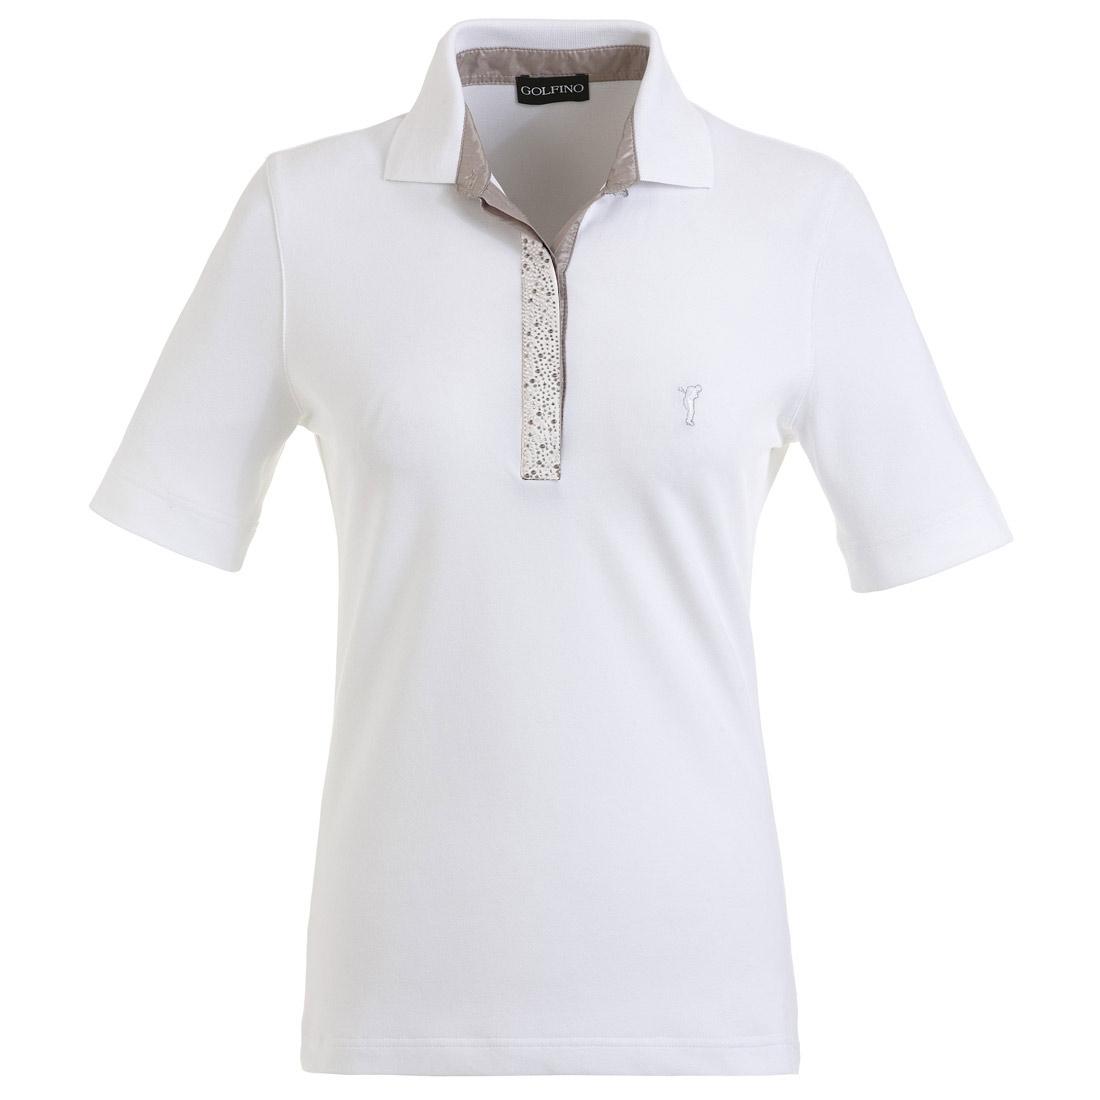 Sonnenschutz Poloshirt